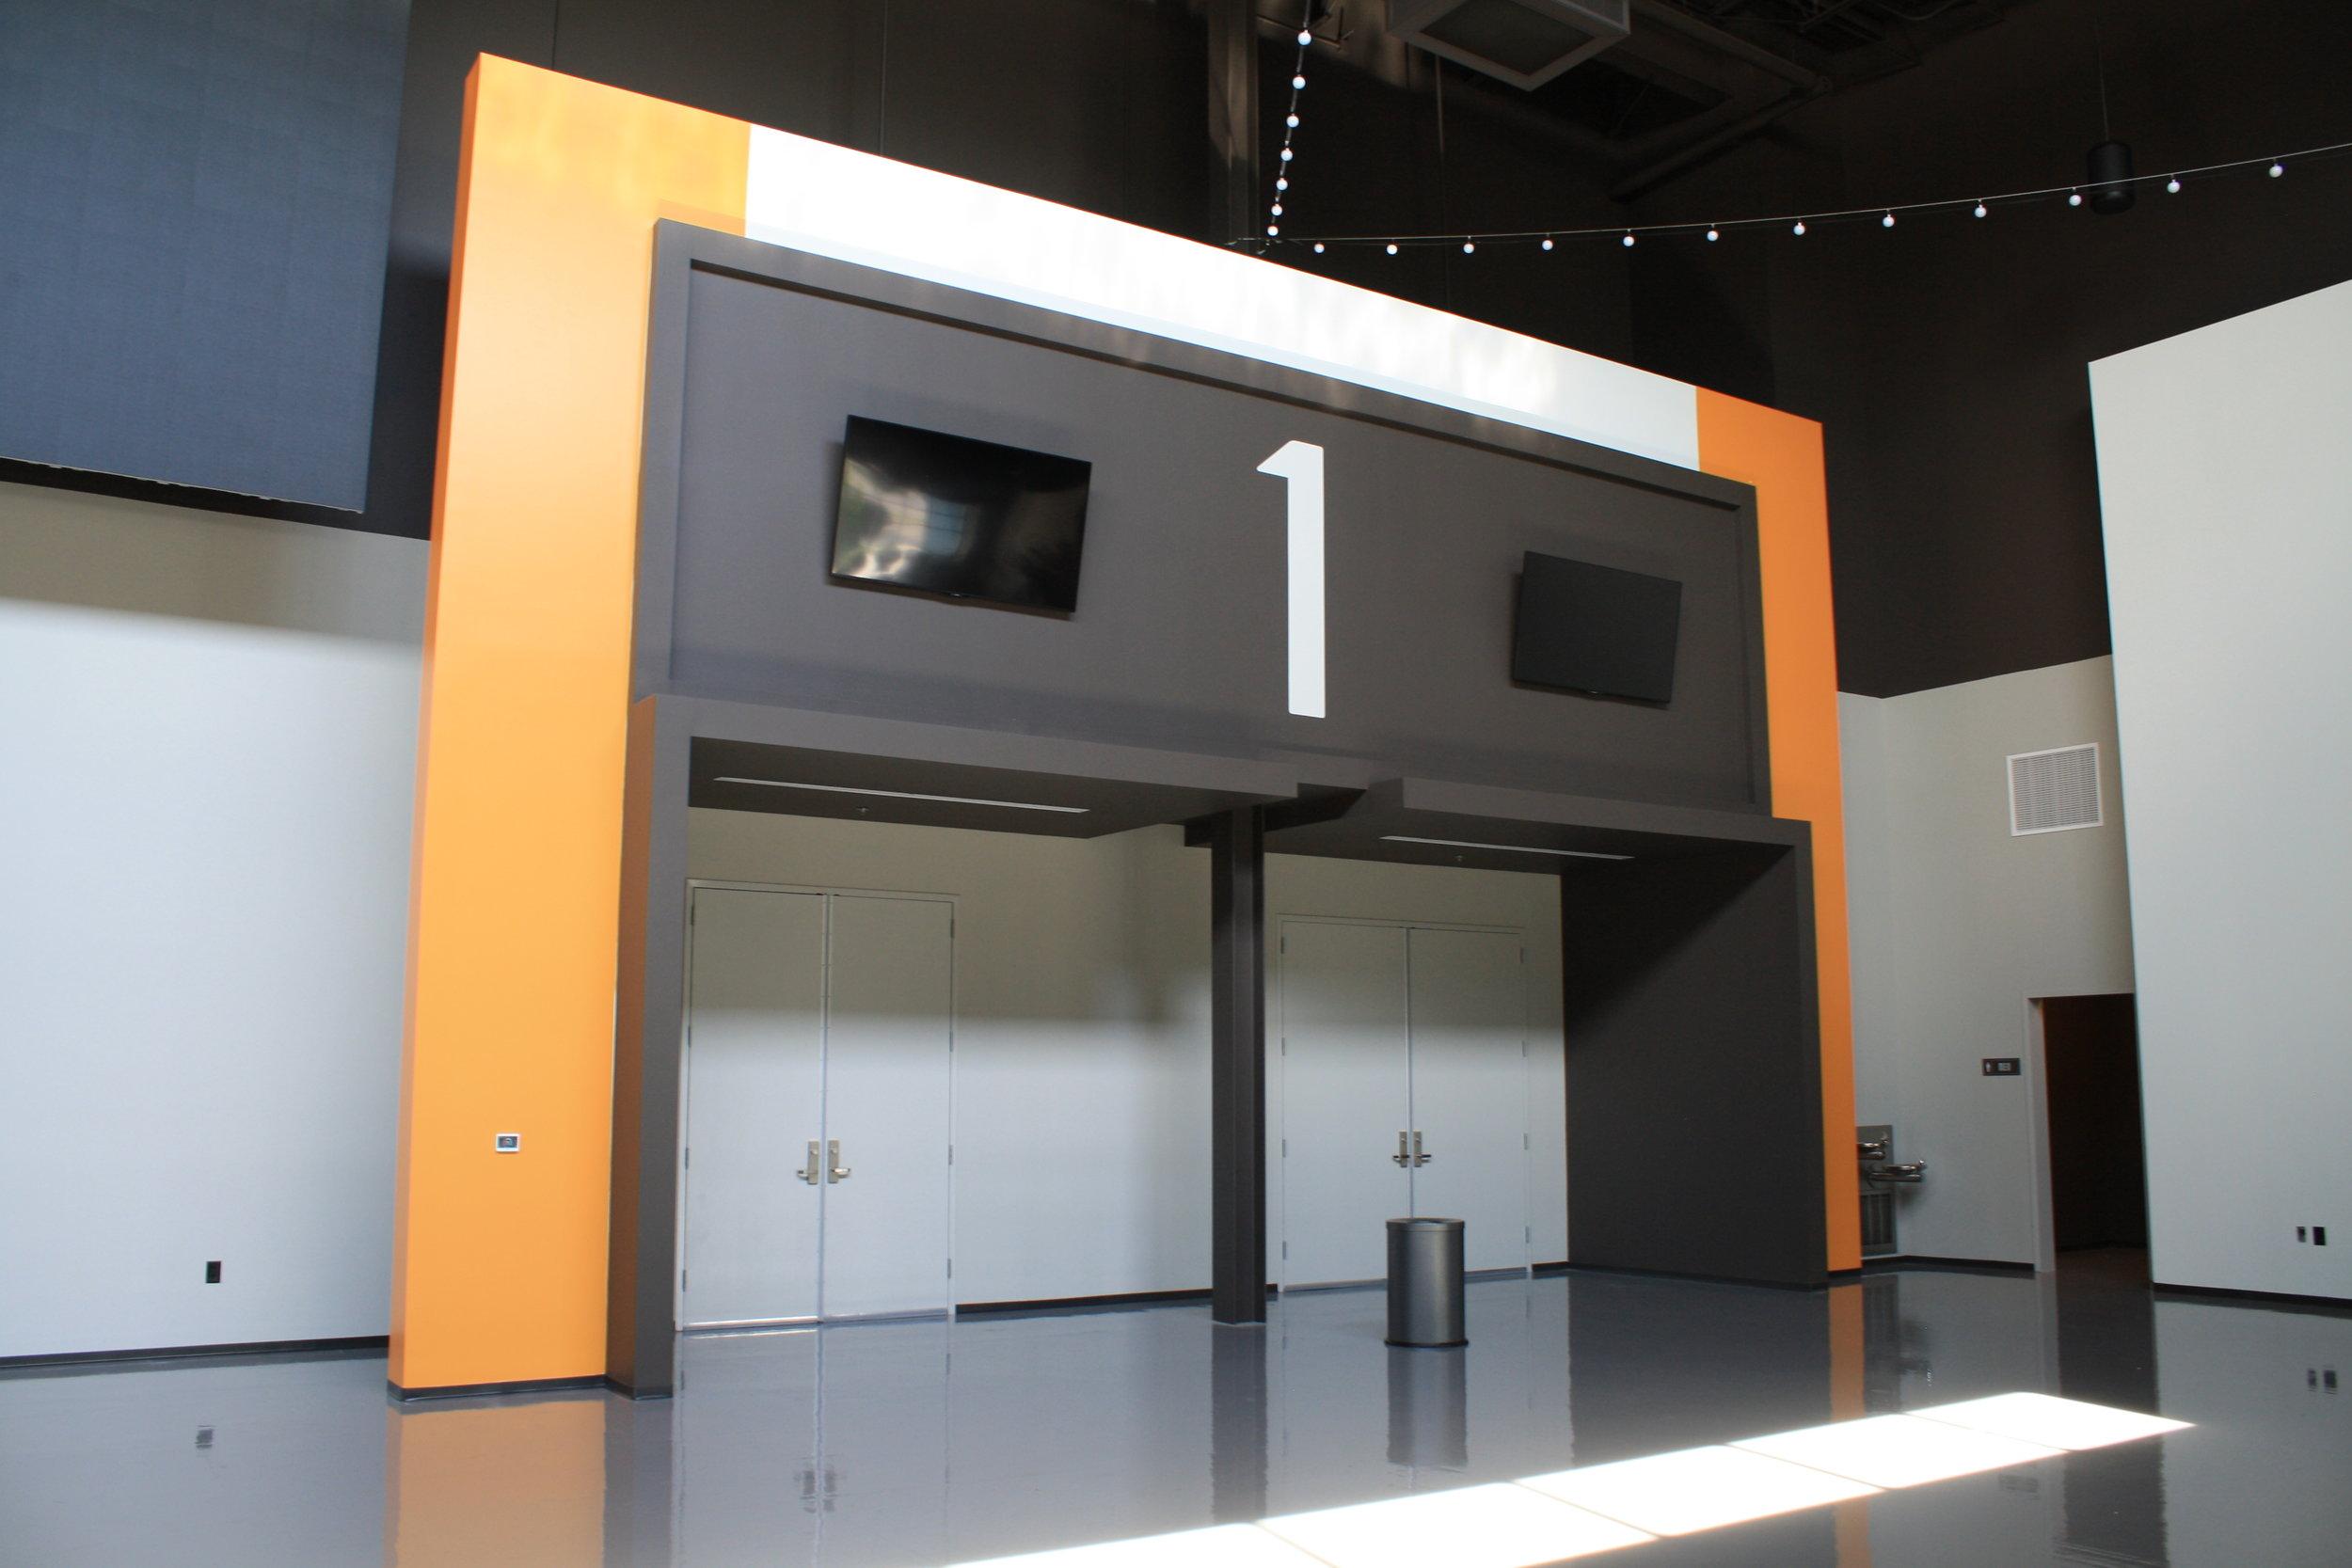 Graceland_Graceland-Exhibition-Center_Exhibit-Entrances_LSIGraphics_Memphis-TN-1 ..